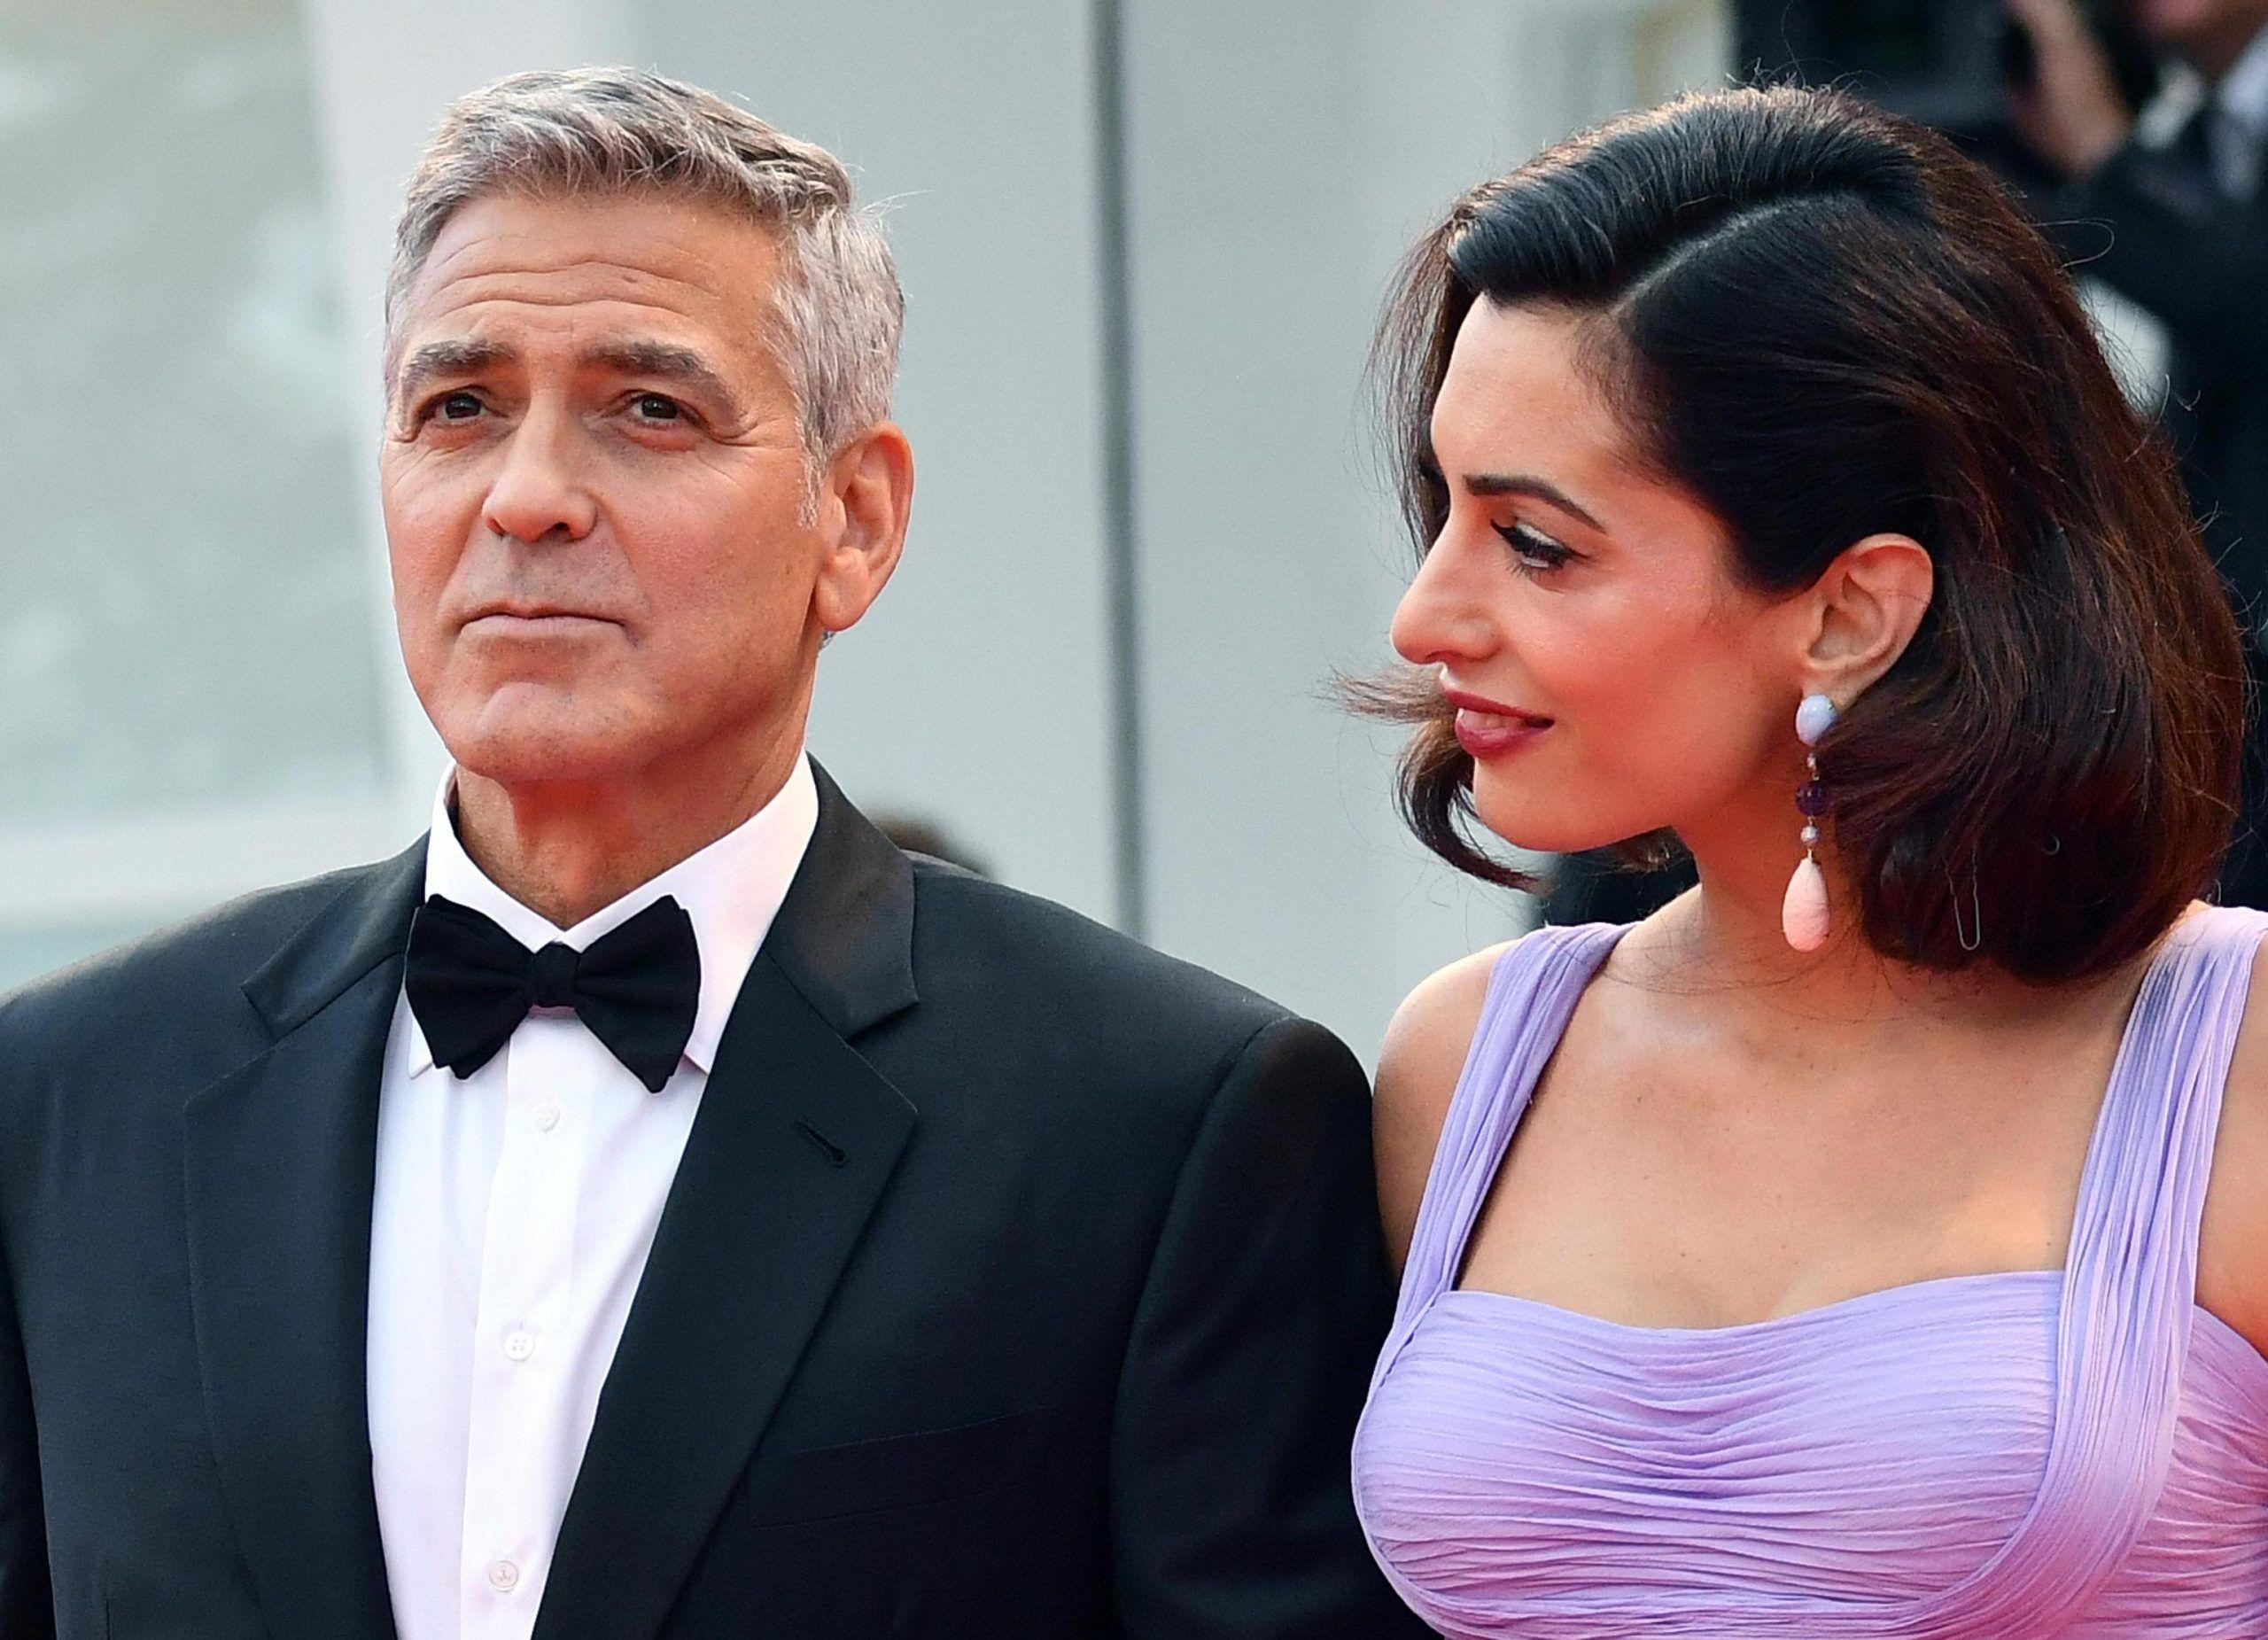 Scenografo trovato morto alla festa di George Clooney a Roma